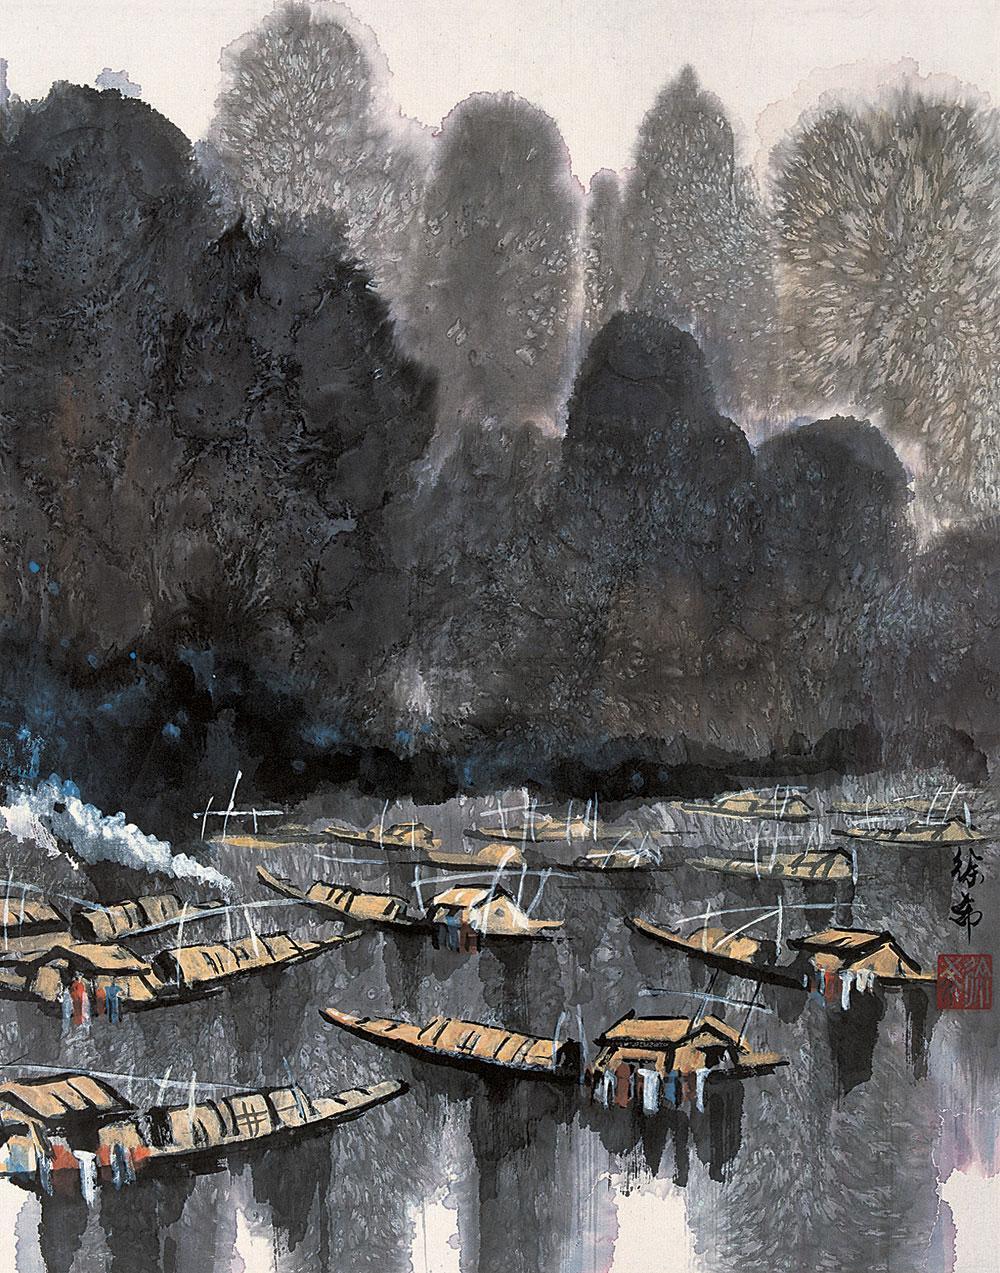 【故乡的船 镜心】拍卖品_图片_价格_鉴赏_绘画_雅昌